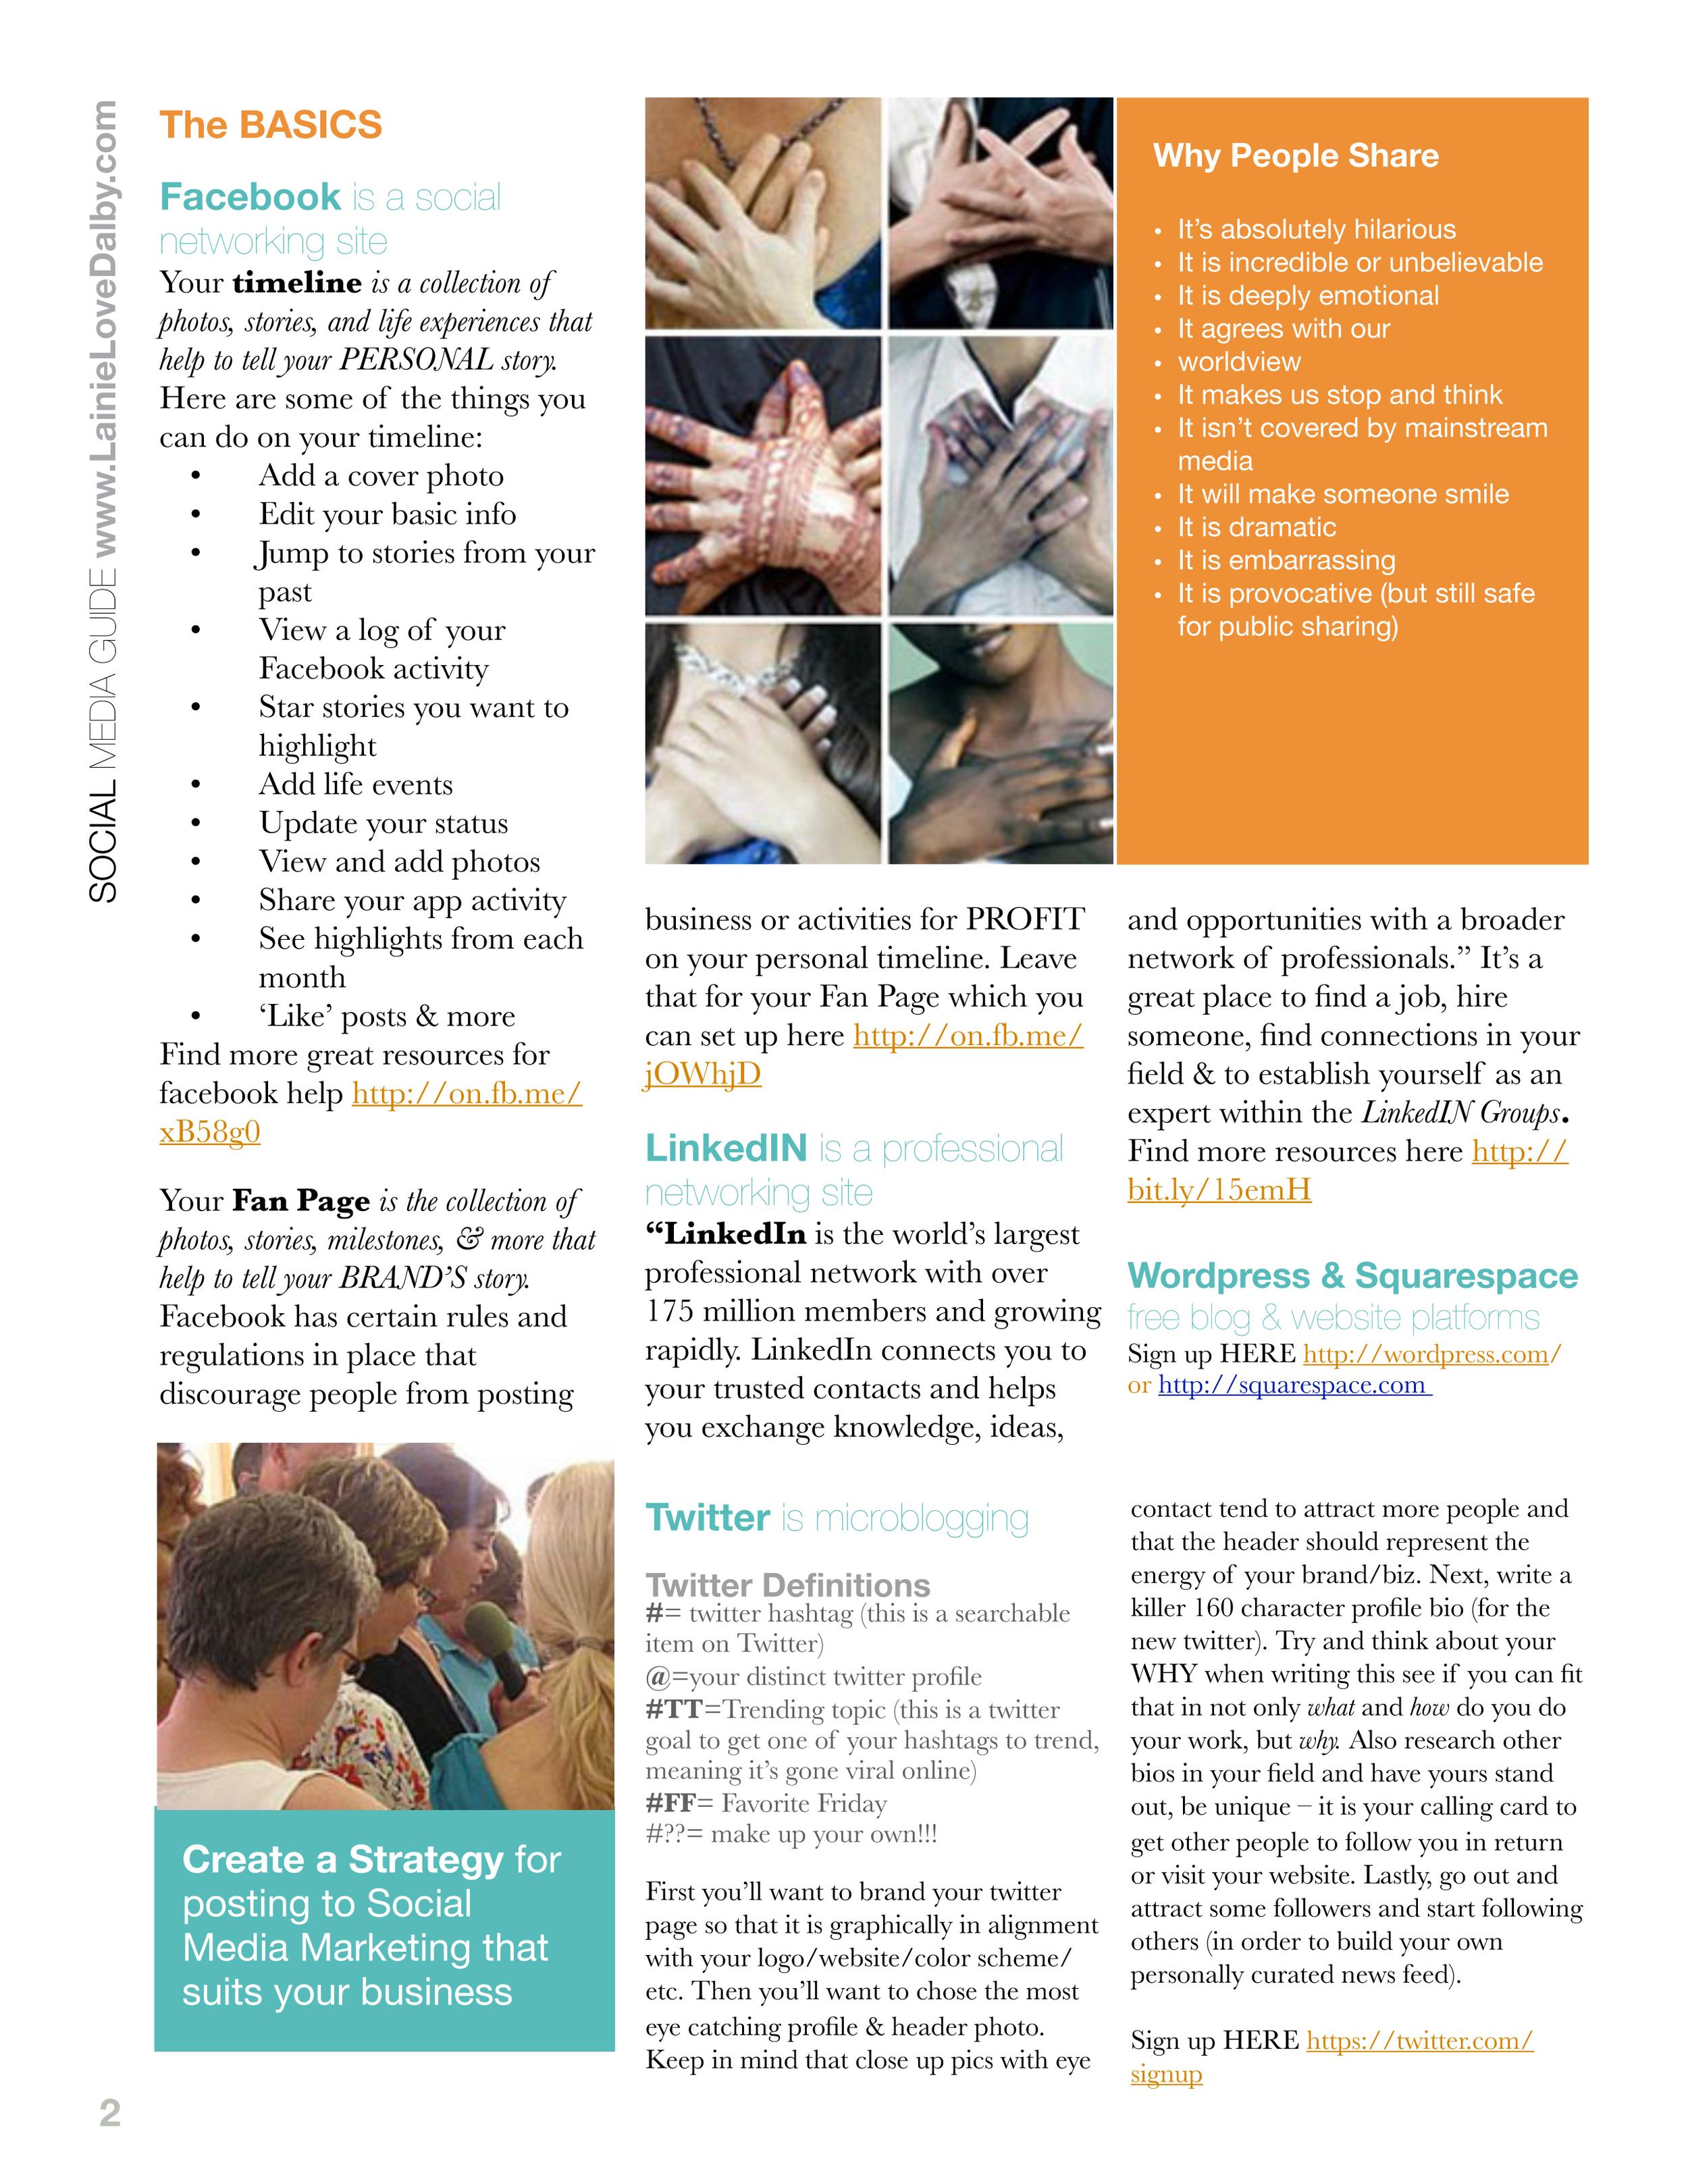 Social Media Guide for ISC-2.jpg